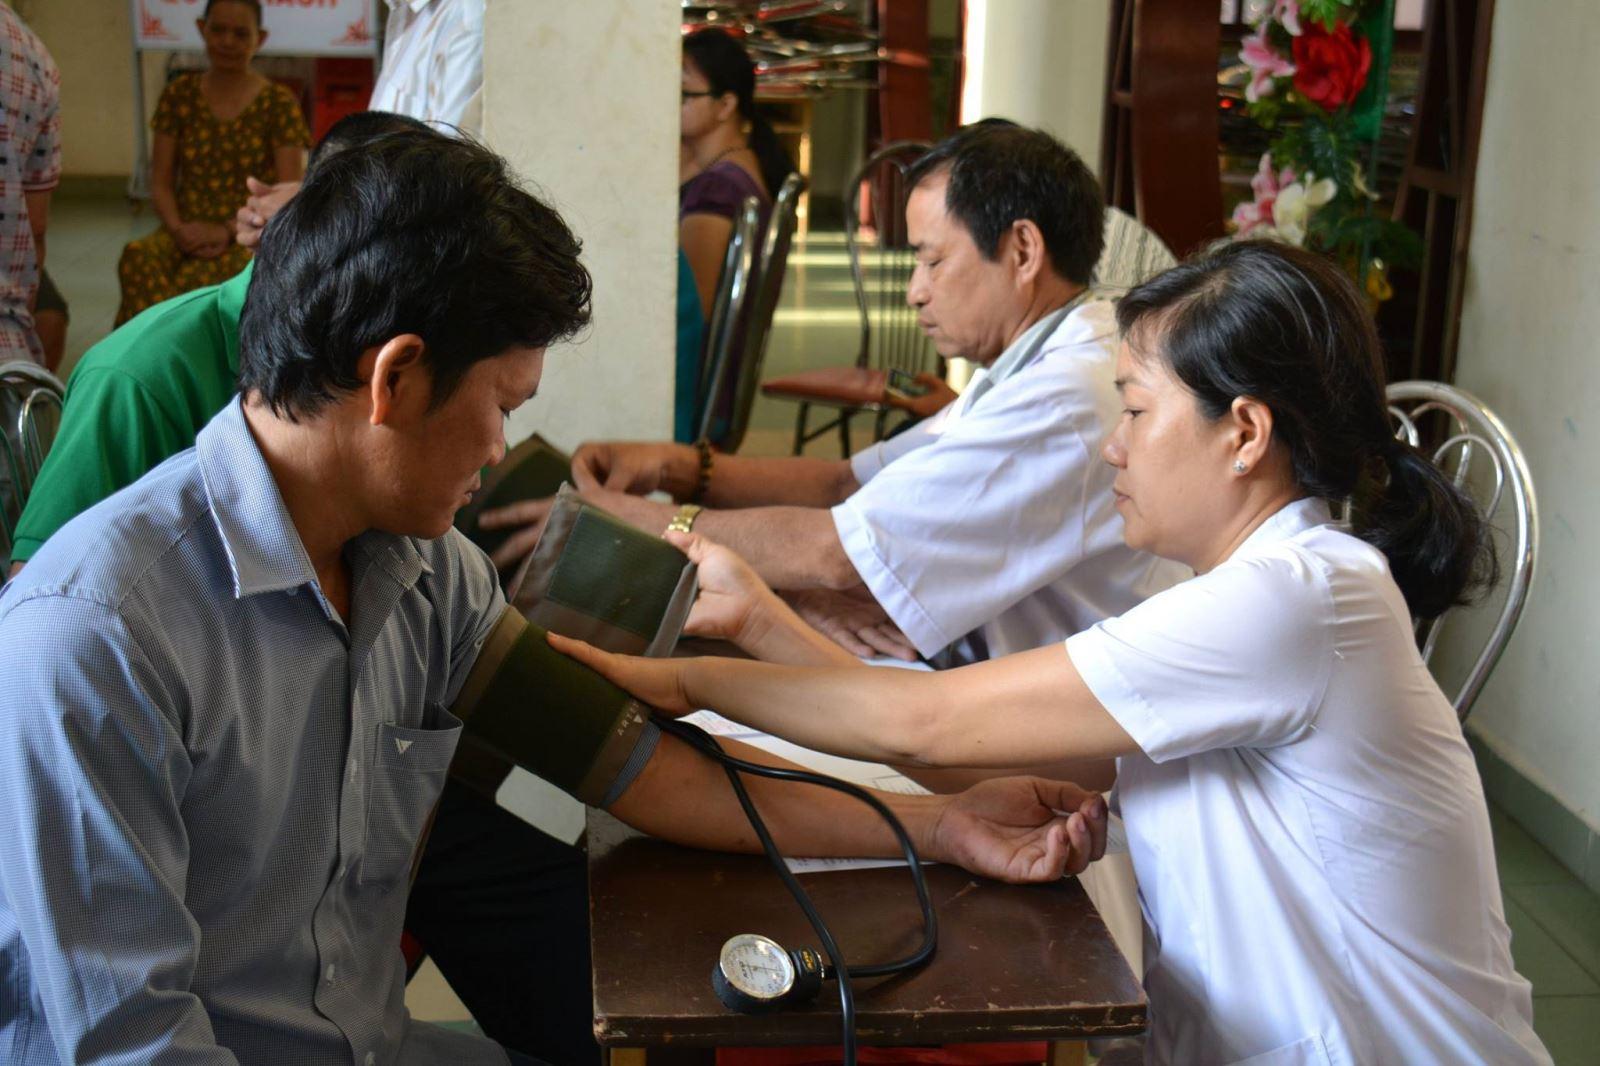 Xứ Hà Nội giữa lòng Sài Gòn - Ảnh minh hoạ 4